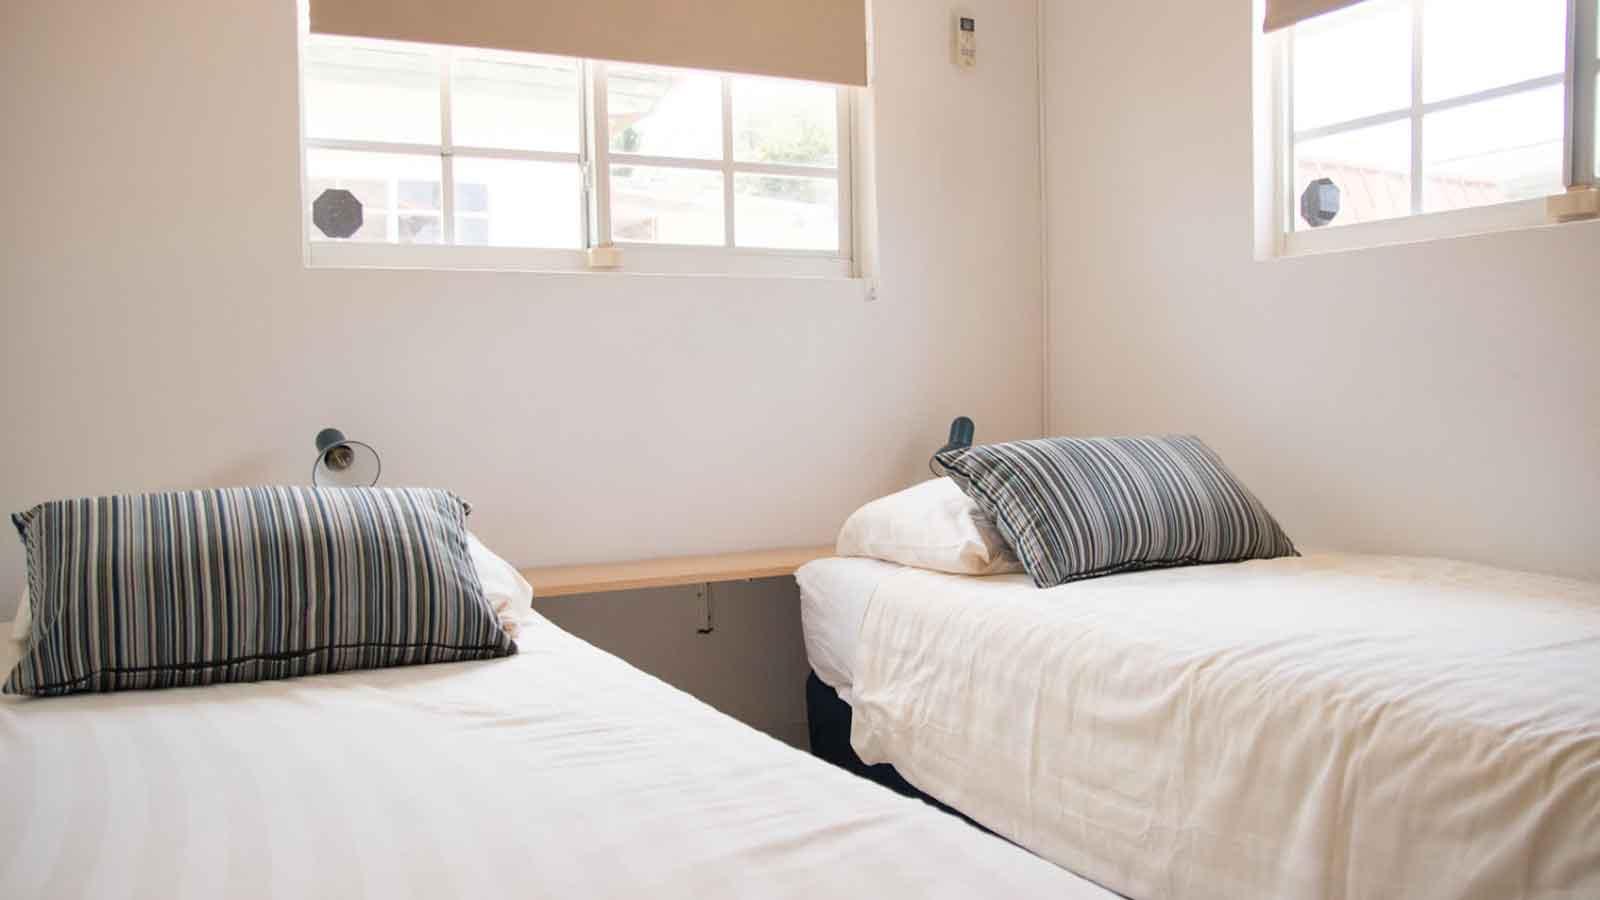 Vakantiehuis Aruba slaapkamer 1 - DE WONING